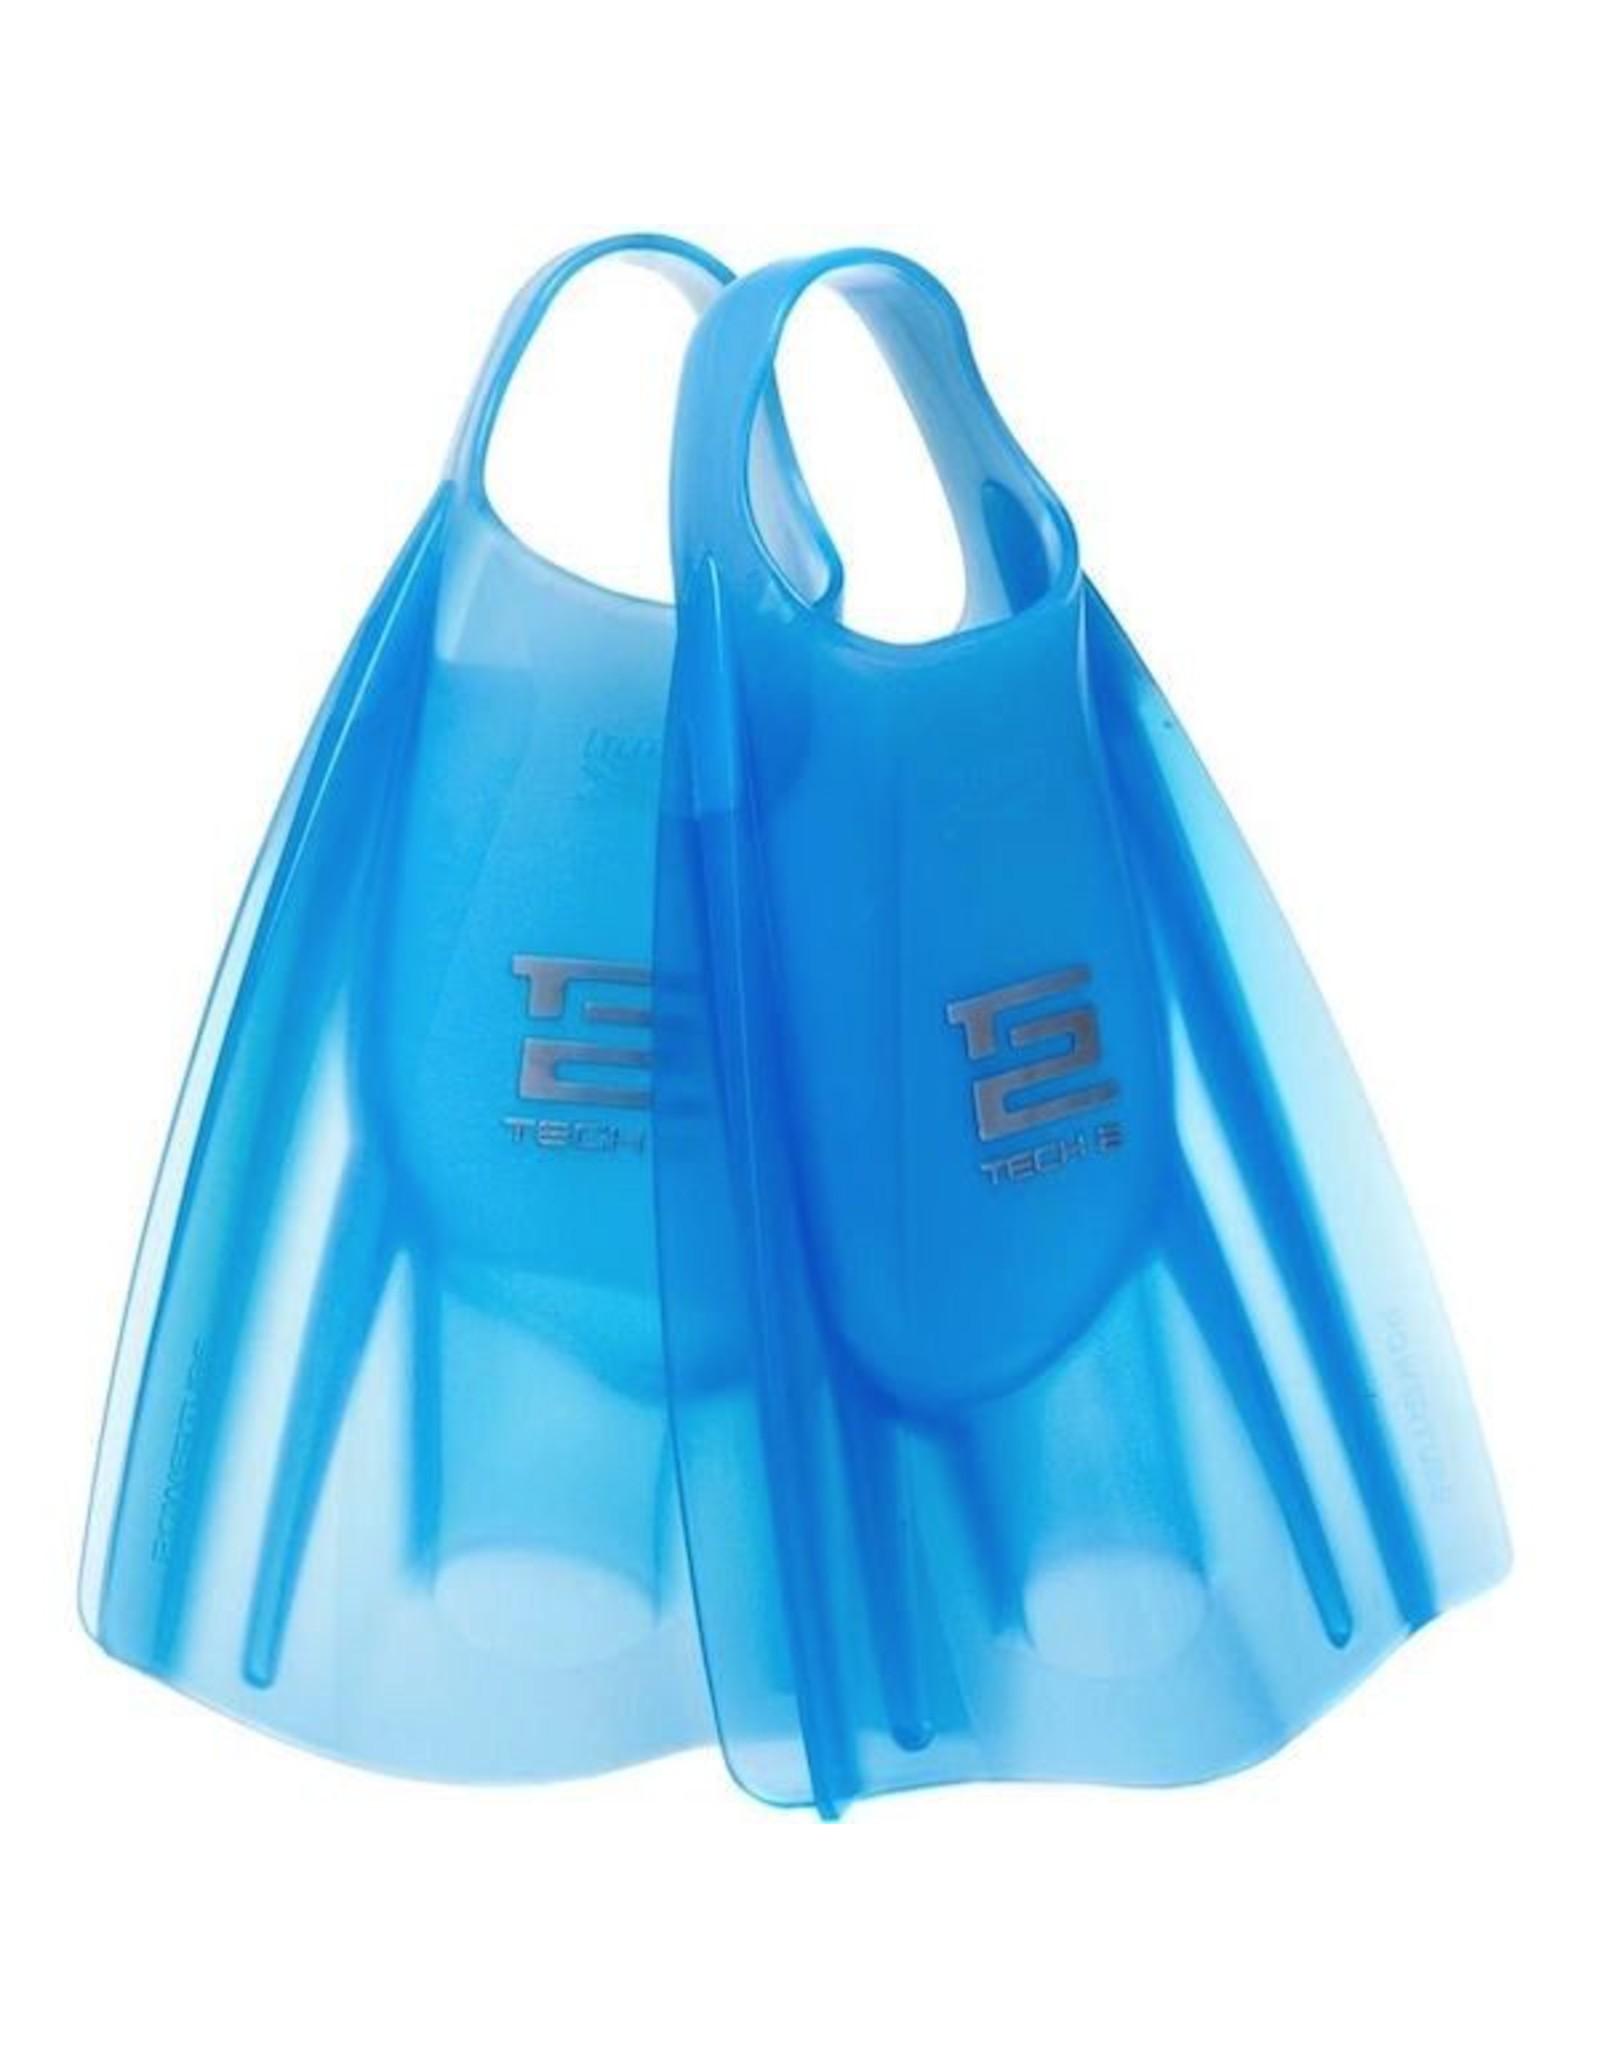 Hydro Hydro -Tech 2 Fin Ice Blue - Small